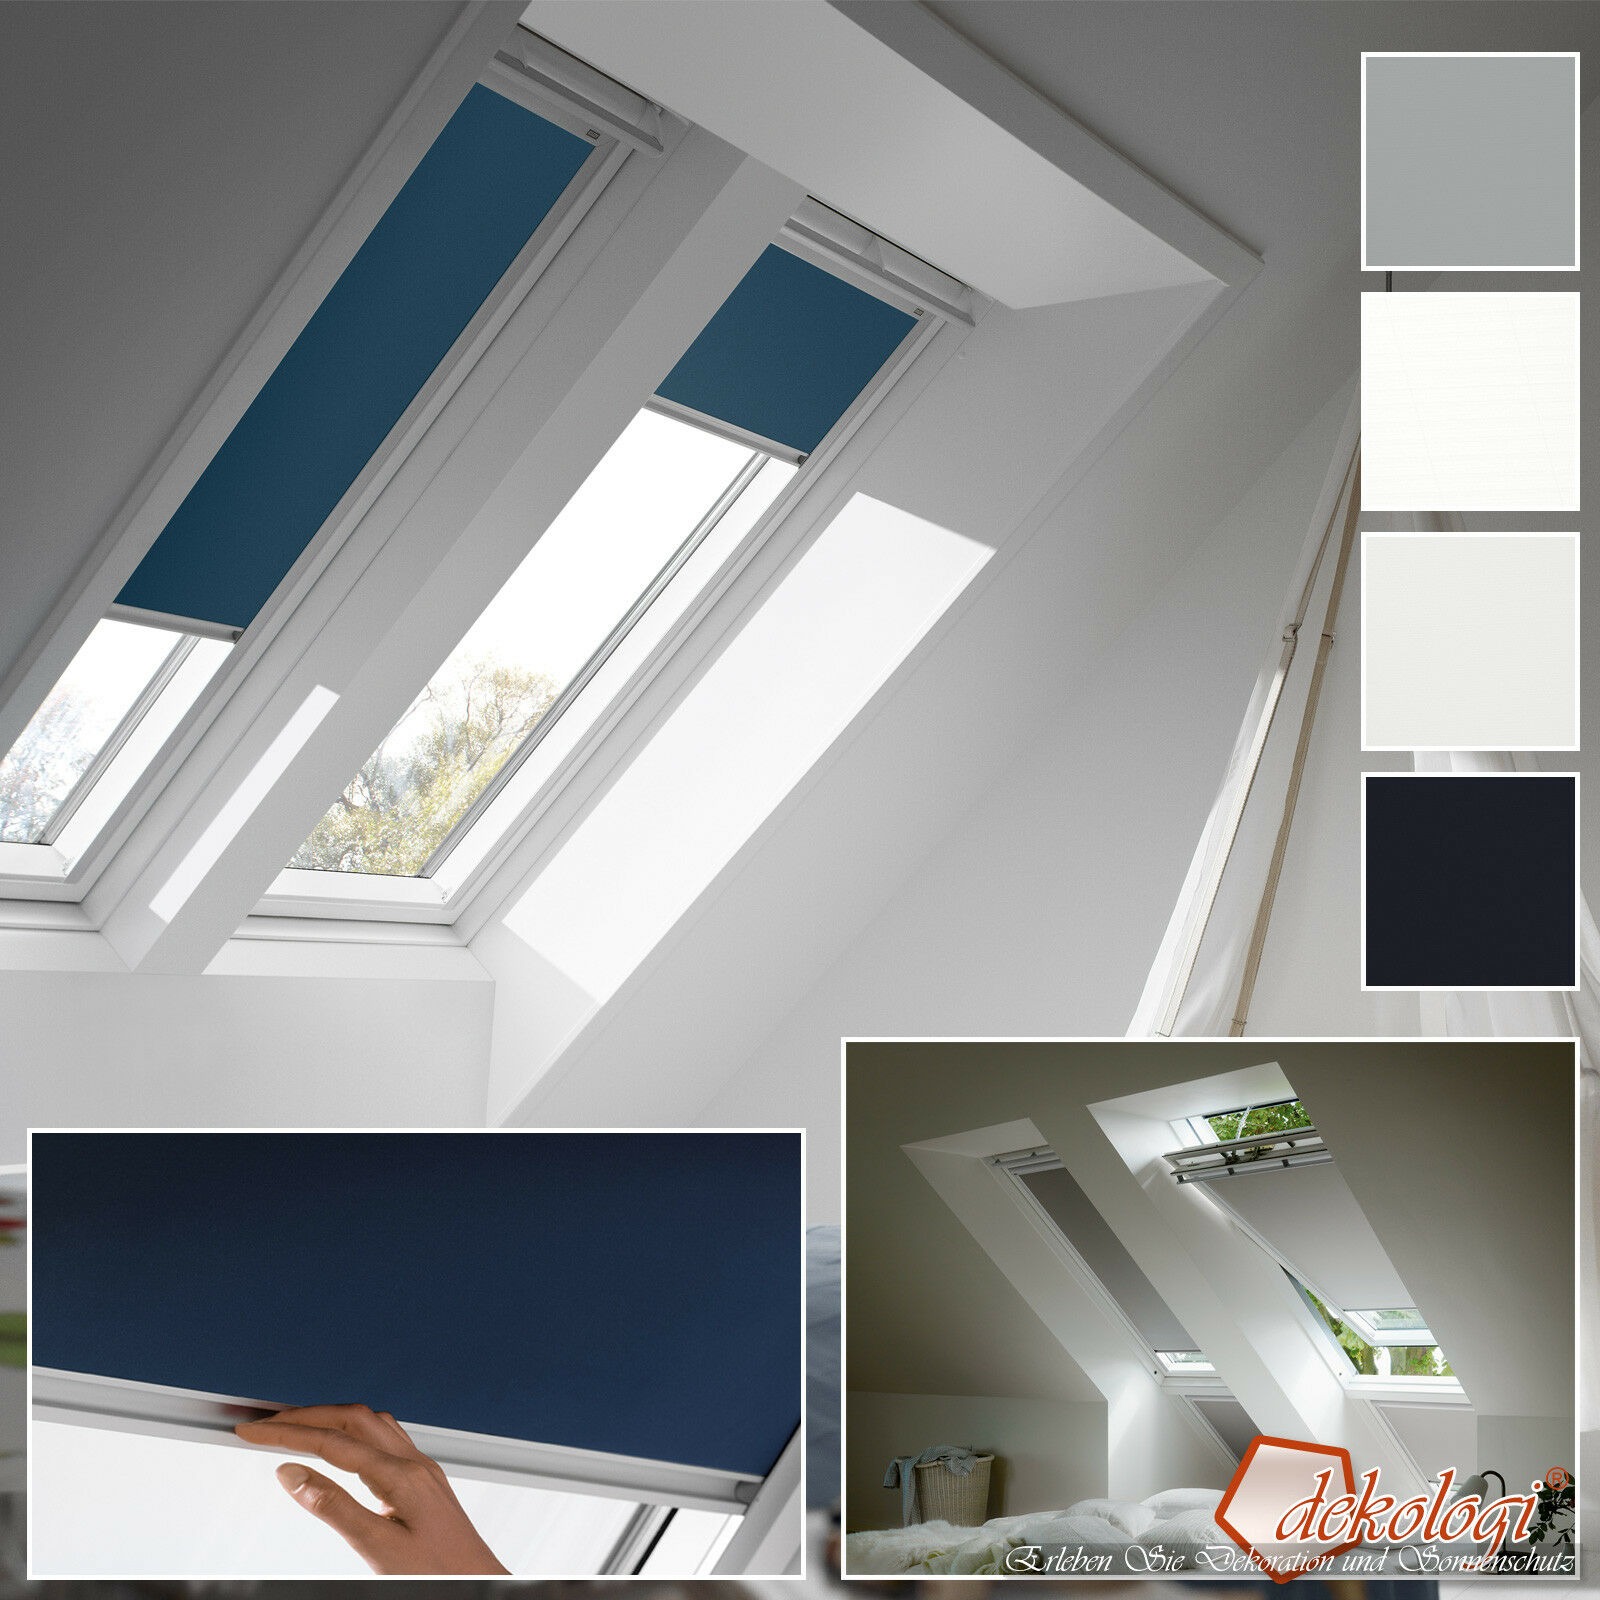 Velux ThermGoldllo DKL für GGU GGU GGU GPU GXU, neue Fenstertypen 2013 Verdunkelung Rollo   Umweltfreundlich  f1fe1a